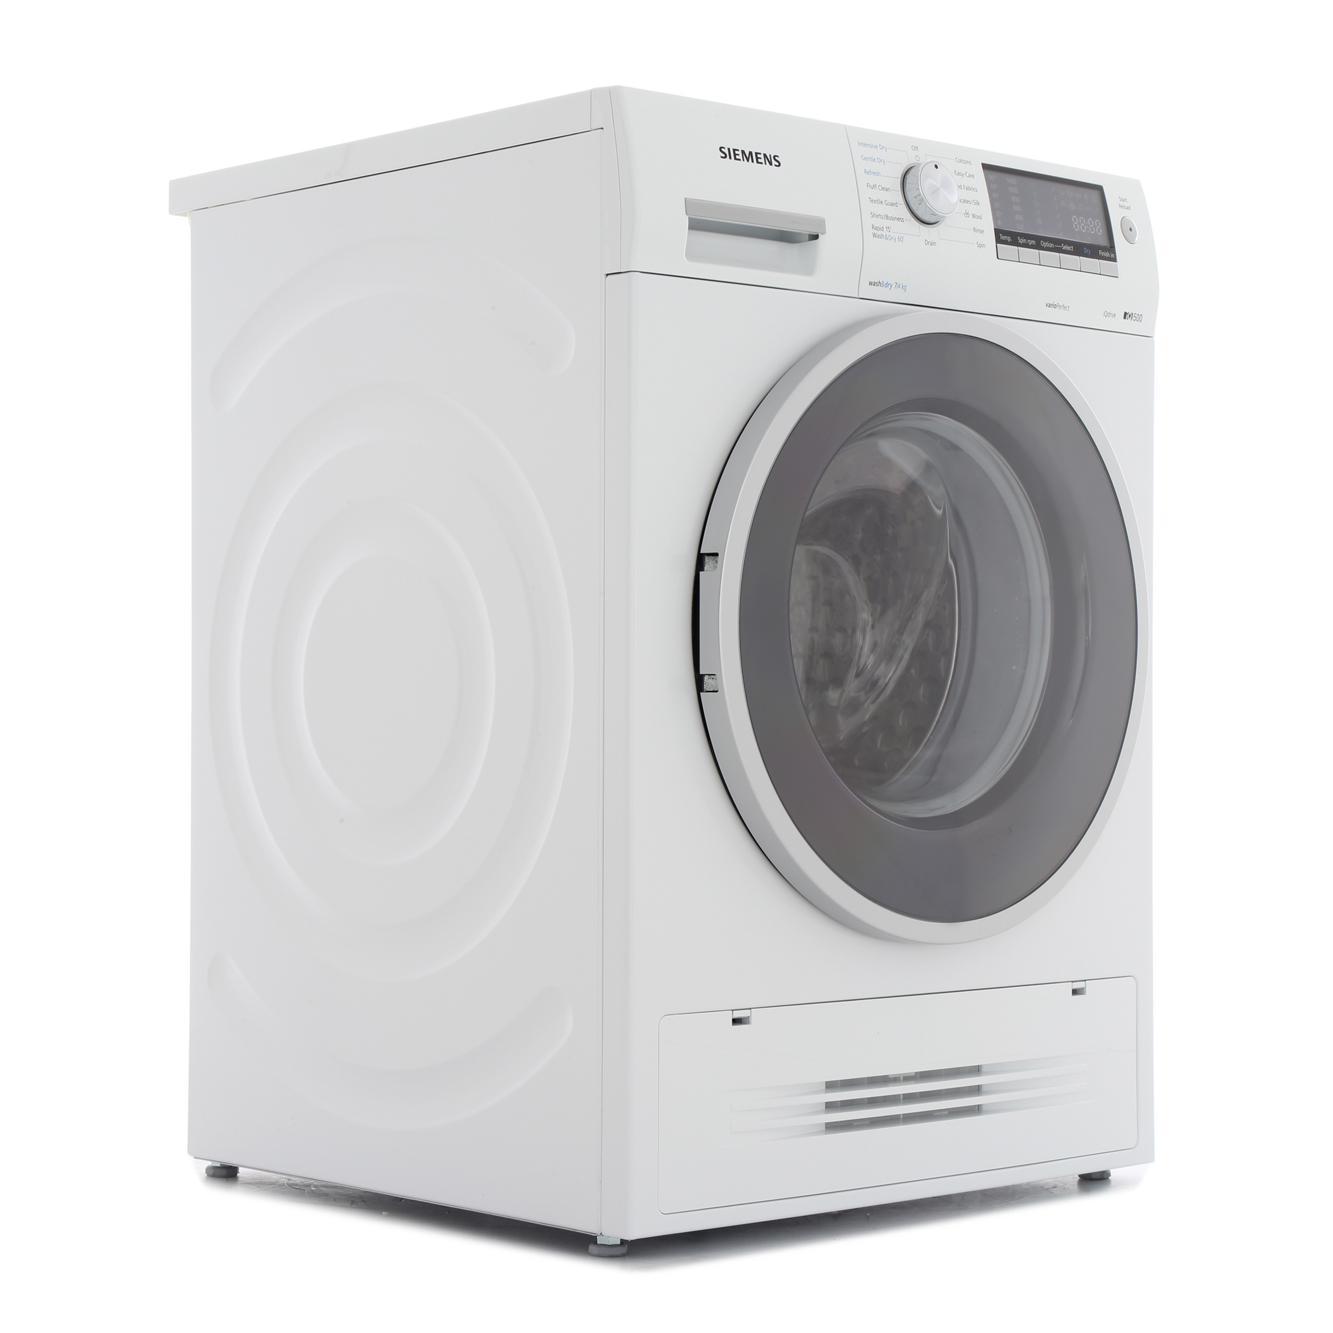 Siemens WD14H421GB Washer Dryer